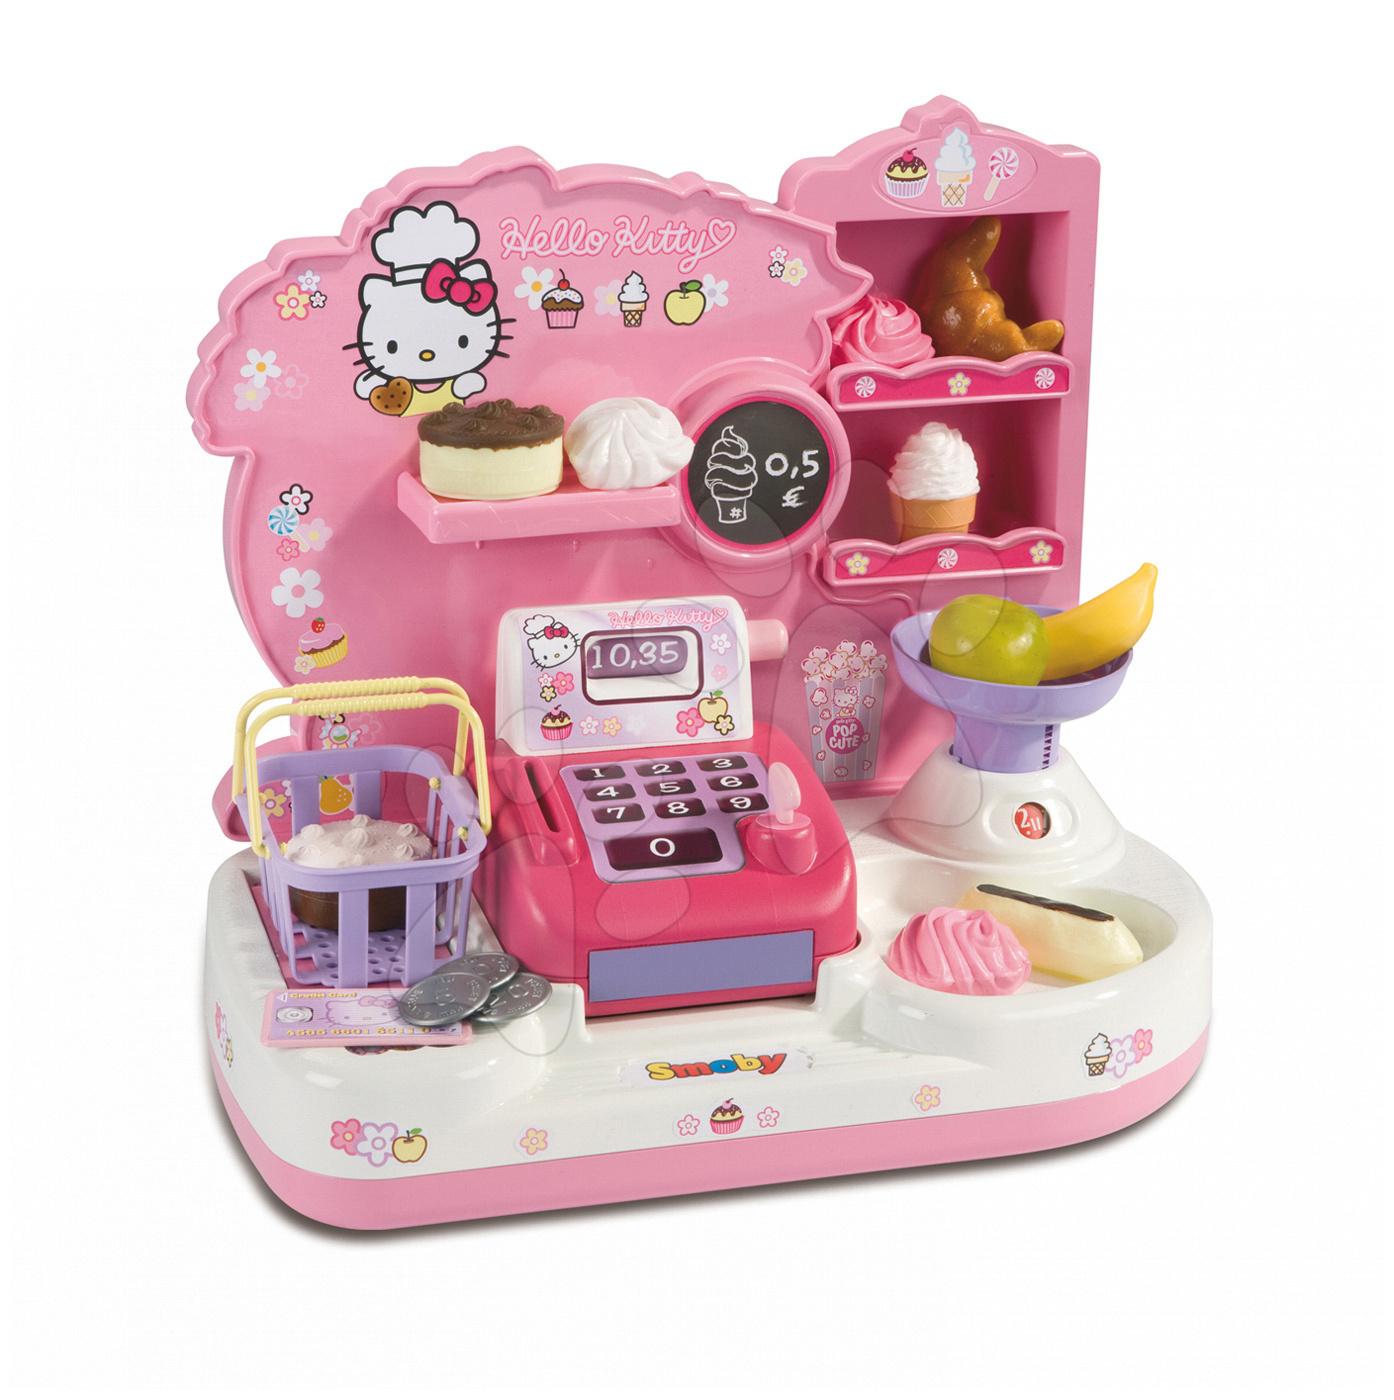 Trgovine za otroke - Trgovina Hello Kitty Smoby z blagajno in 16 dodatki